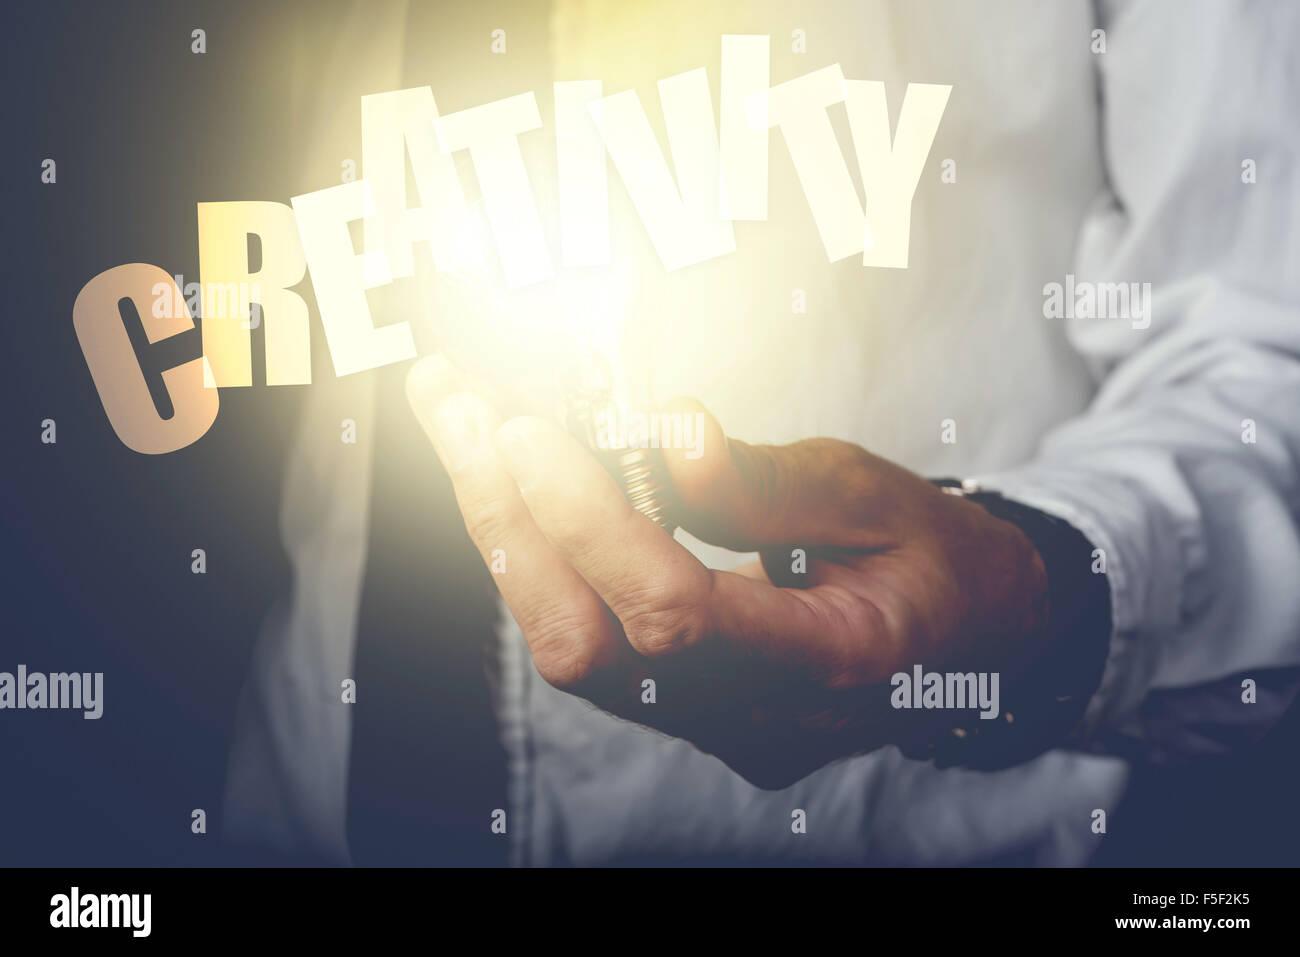 La créativité concept avec businessman holding ampoule, tons rétro droit, selective focus. Photo Stock